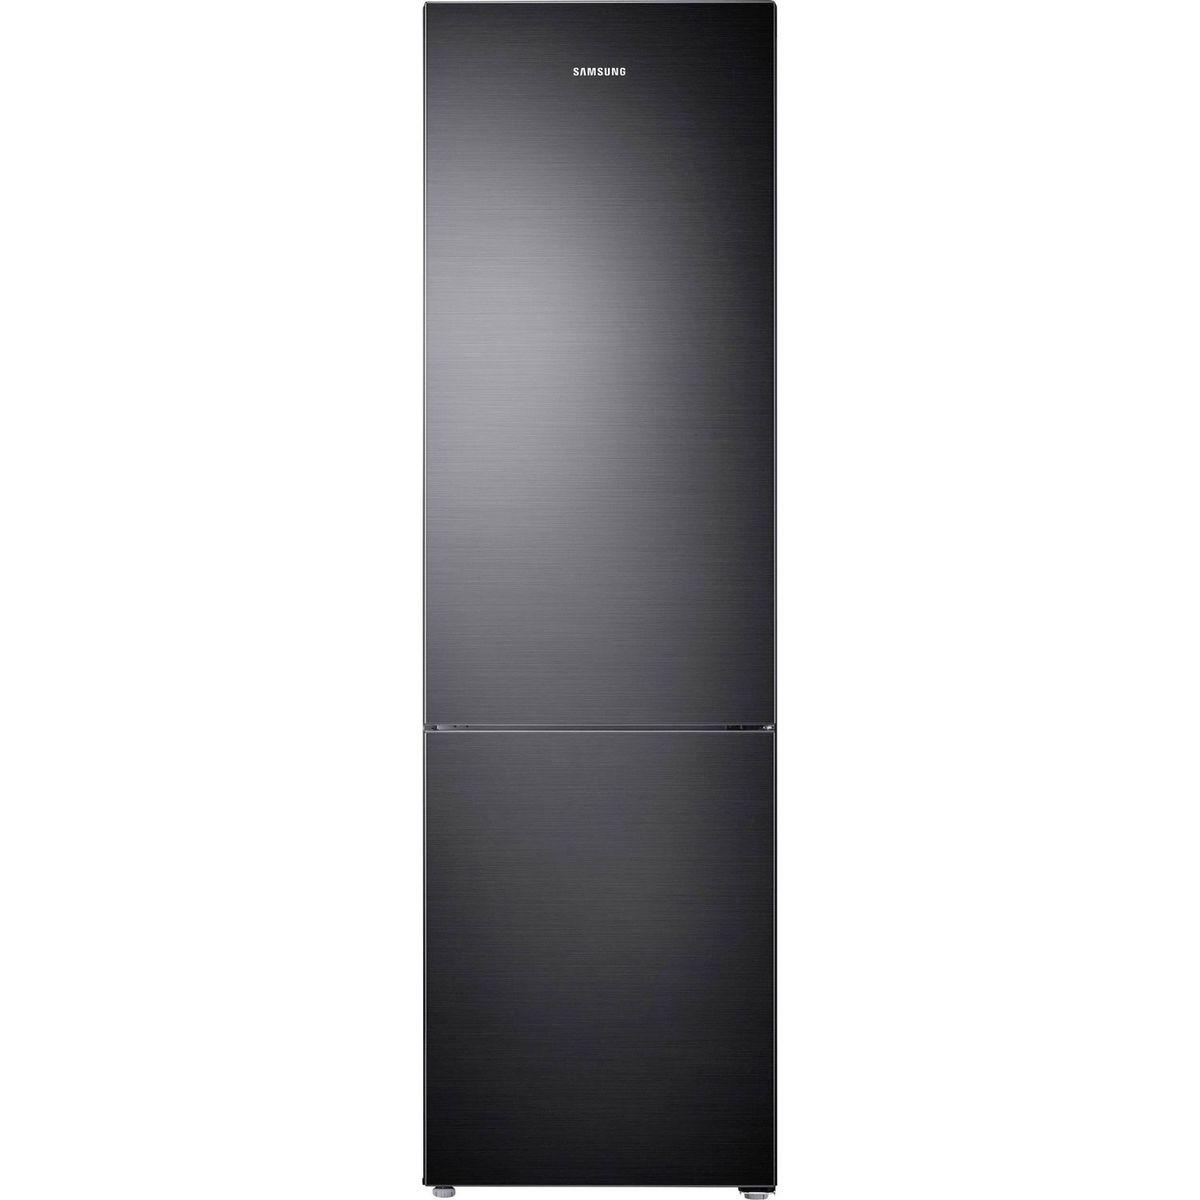 Réfrigérateur combiné RB37J501MB1, 353 L, Froid no frost